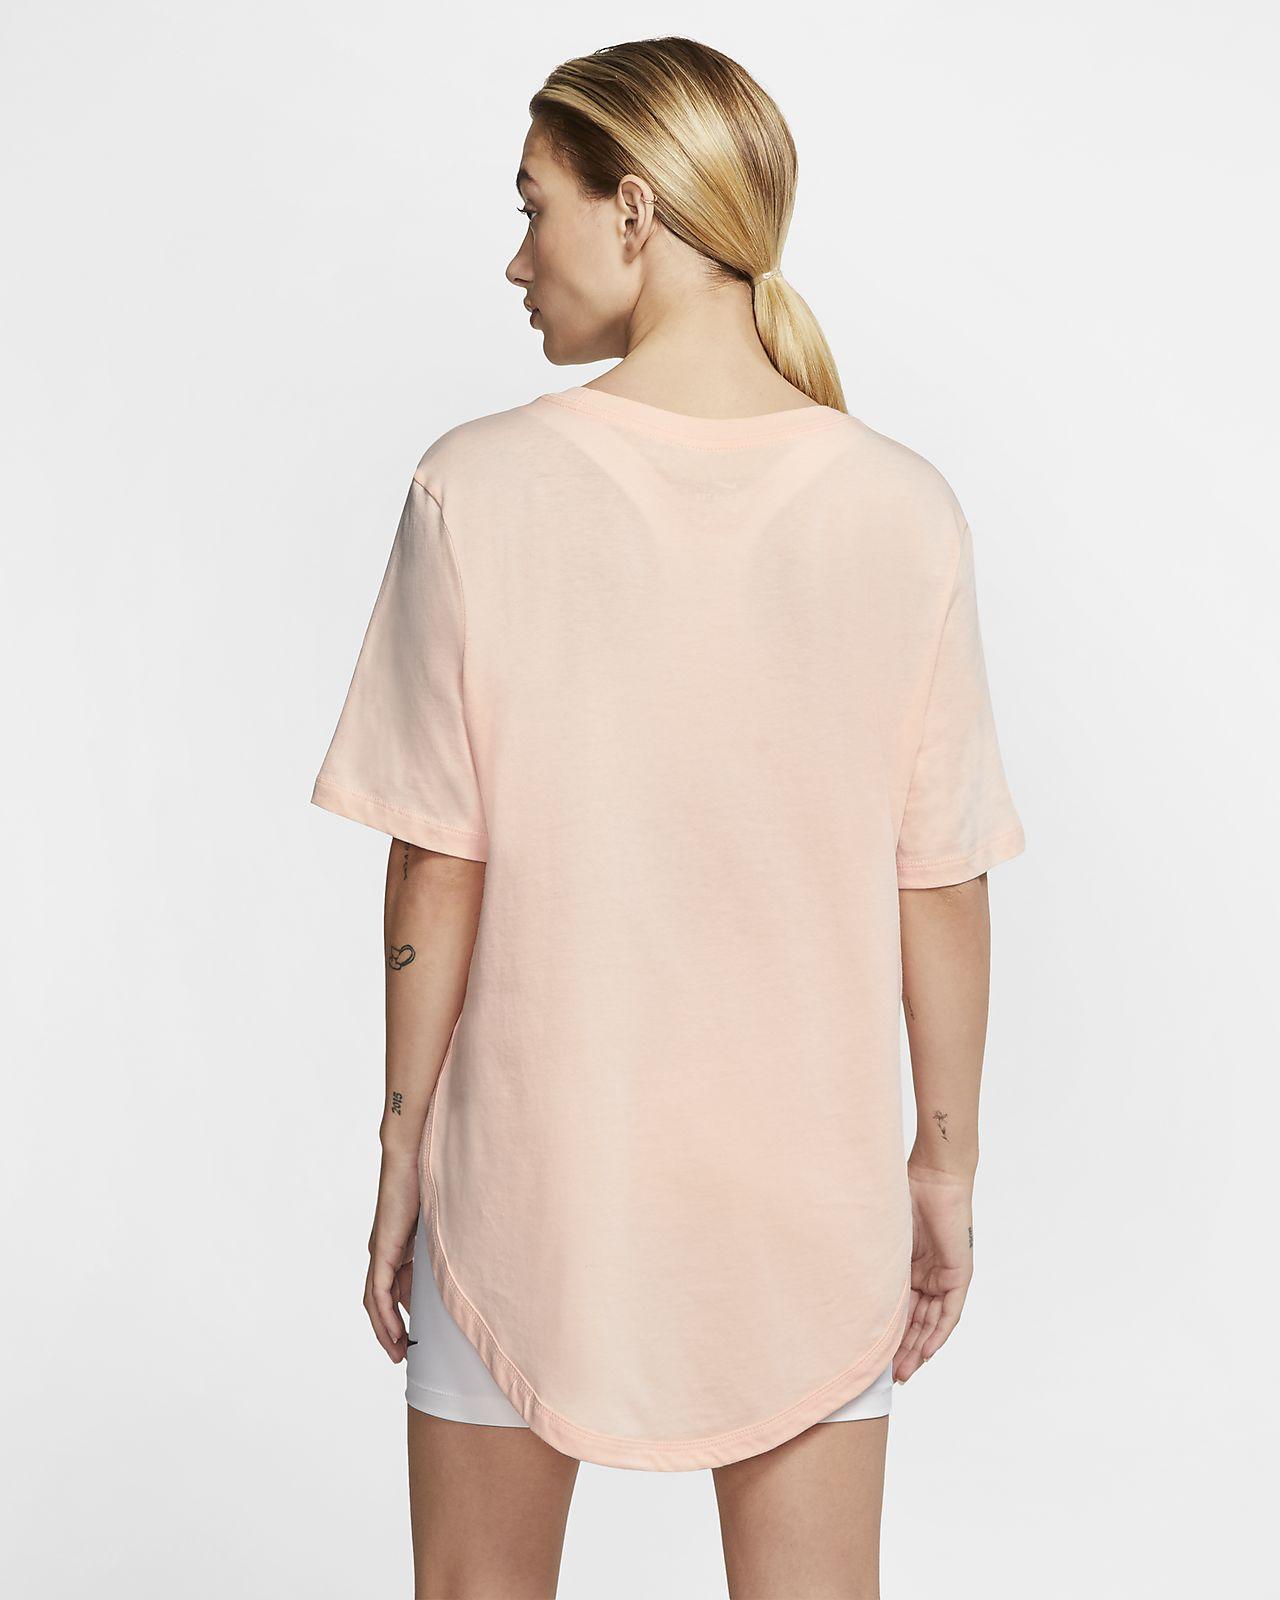 NikeCourt Tennis T Shirt für Damen